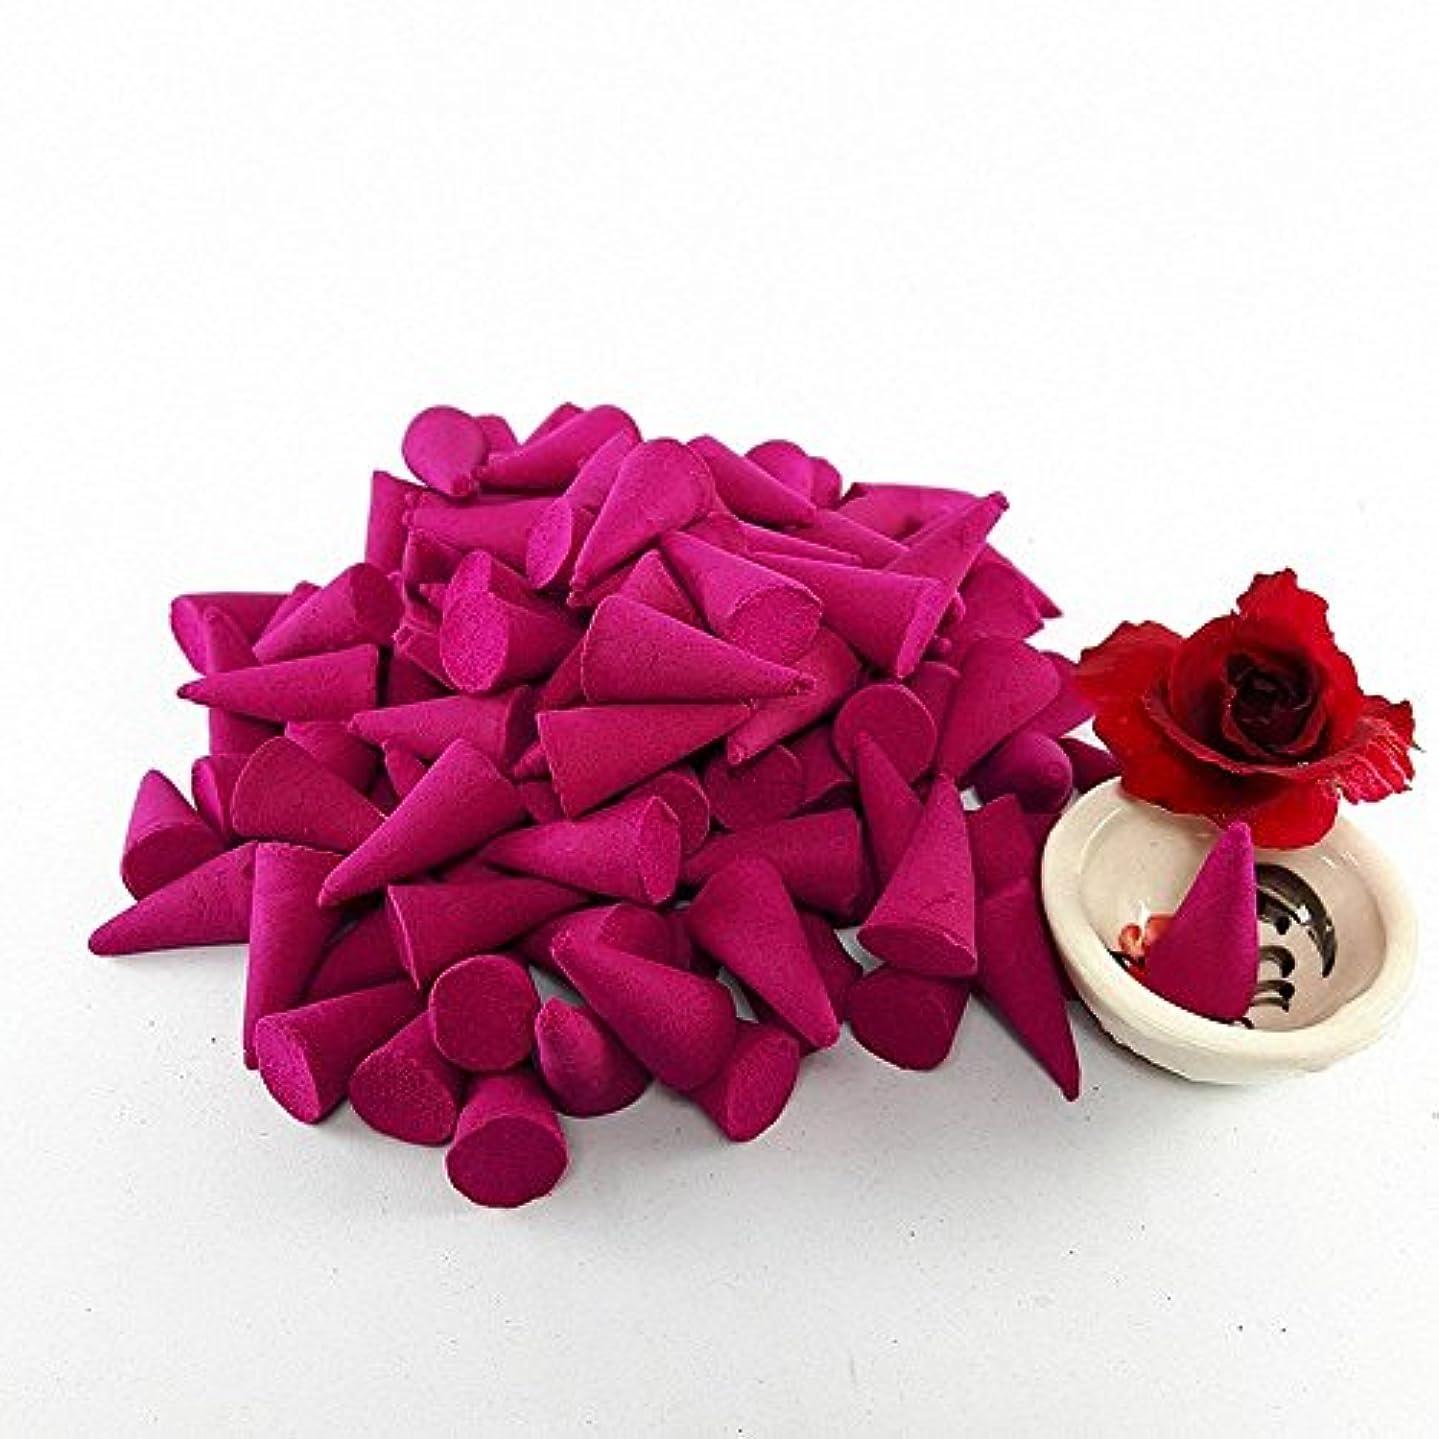 首相であること癌家庭用線香 Incense Cones Mixed Variety of Fragrance Relax Aromatherapy Spa (Pack of 100 Cones) With Burner Holder Thai...